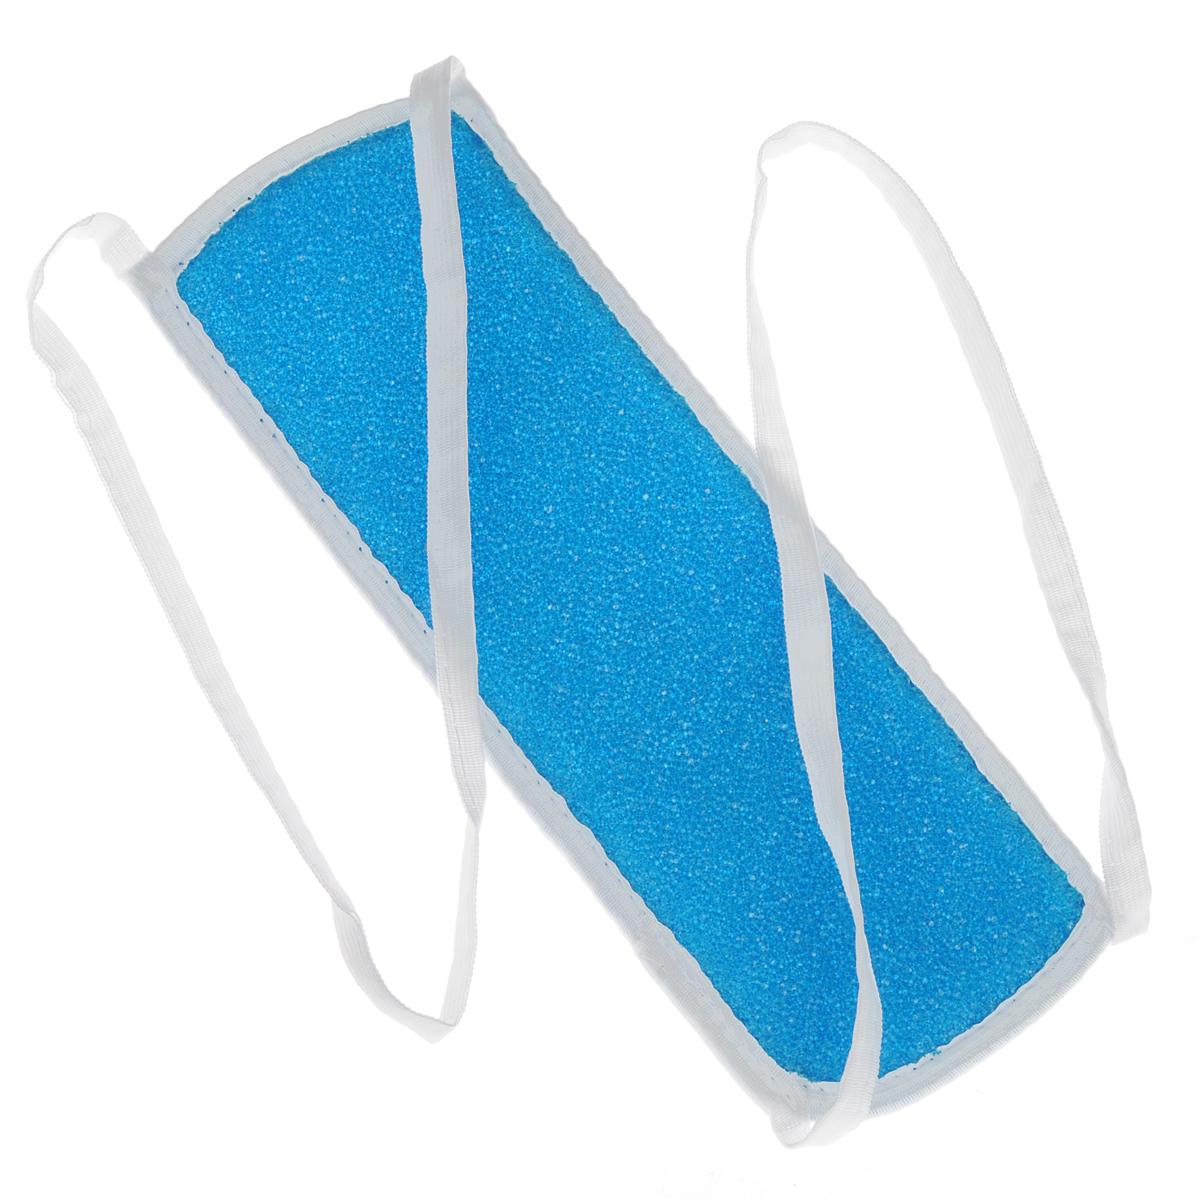 Мочалка массажная Eva, с ручками, цвет: голубой. М30М30Массажная мочалка с ручками Eva станет незаменимым аксессуаром ванной комнаты. Она отлично пенится и быстро сохнет. Мочалка, изготовленная из хлопка и пенополиуретана, тонизирует, массирует и очищает кожу. Не вызывает аллергии. Размер мочалки (без учета ручек): 30 см х 10 см х 1 см. Длина мочалки (с учетом ручек): 88 см.